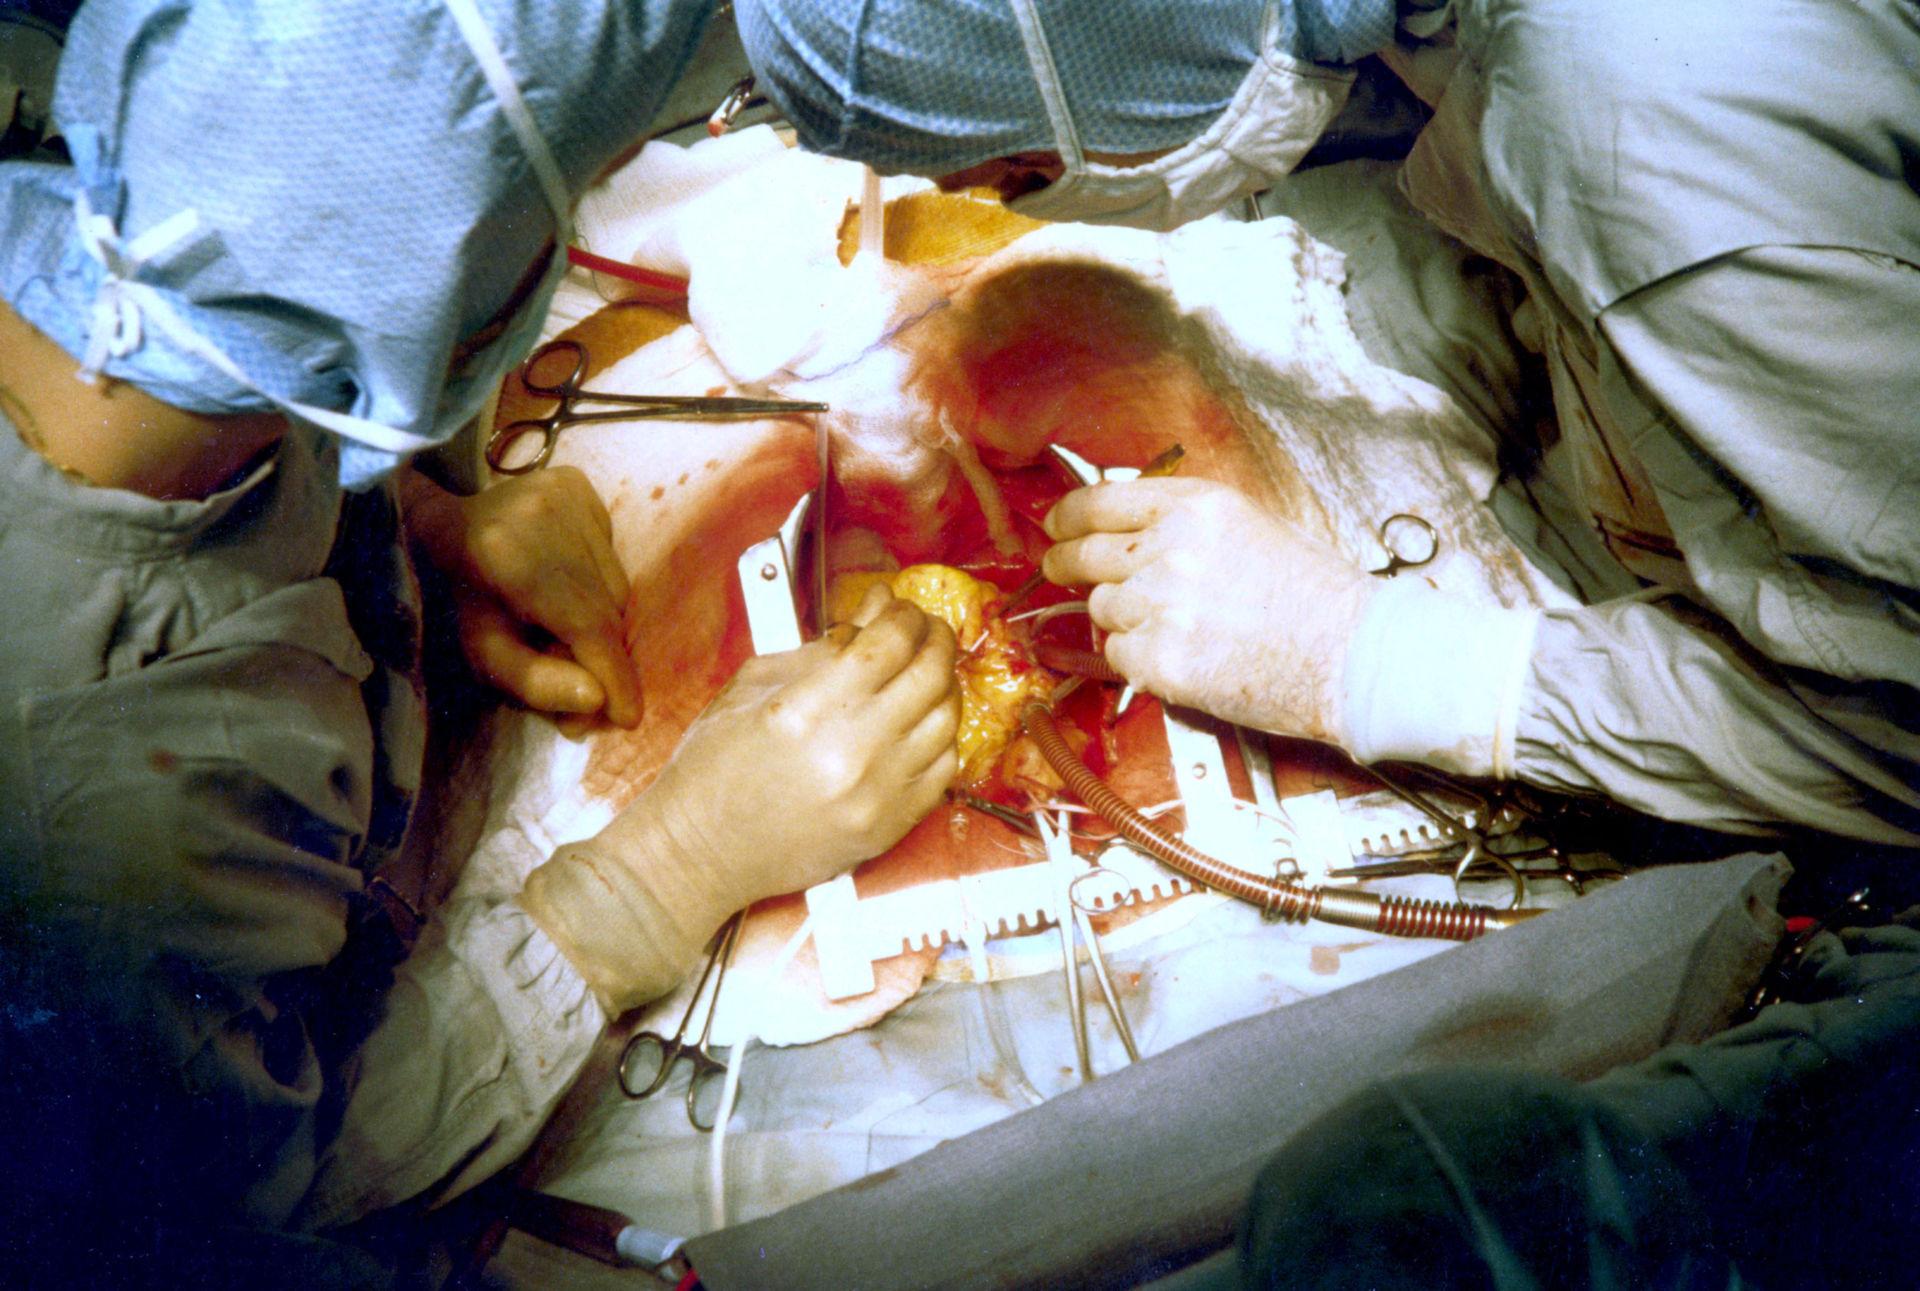 Koronararterienbypass-Operation